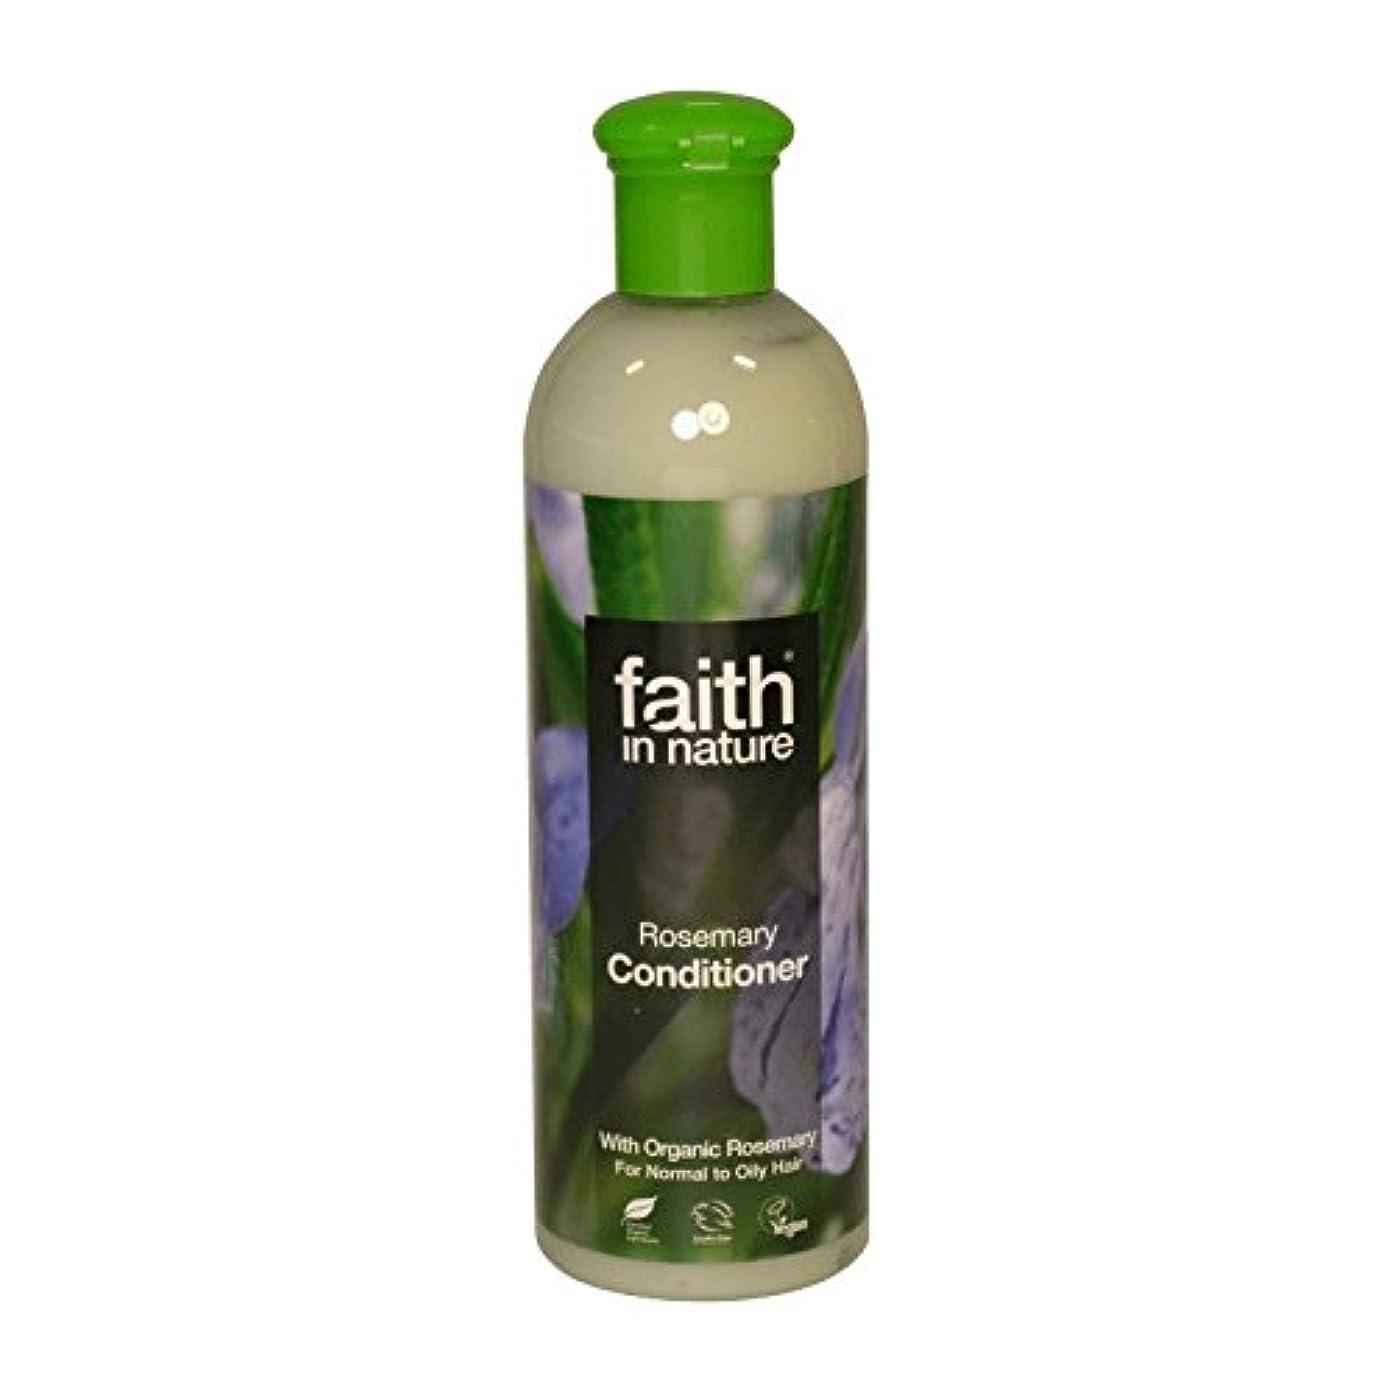 レース引用猫背Faith in Nature Rosemary Conditioner 400ml (Pack of 6) - 自然ローズマリーコンディショナー400ミリリットルの信仰 (x6) [並行輸入品]